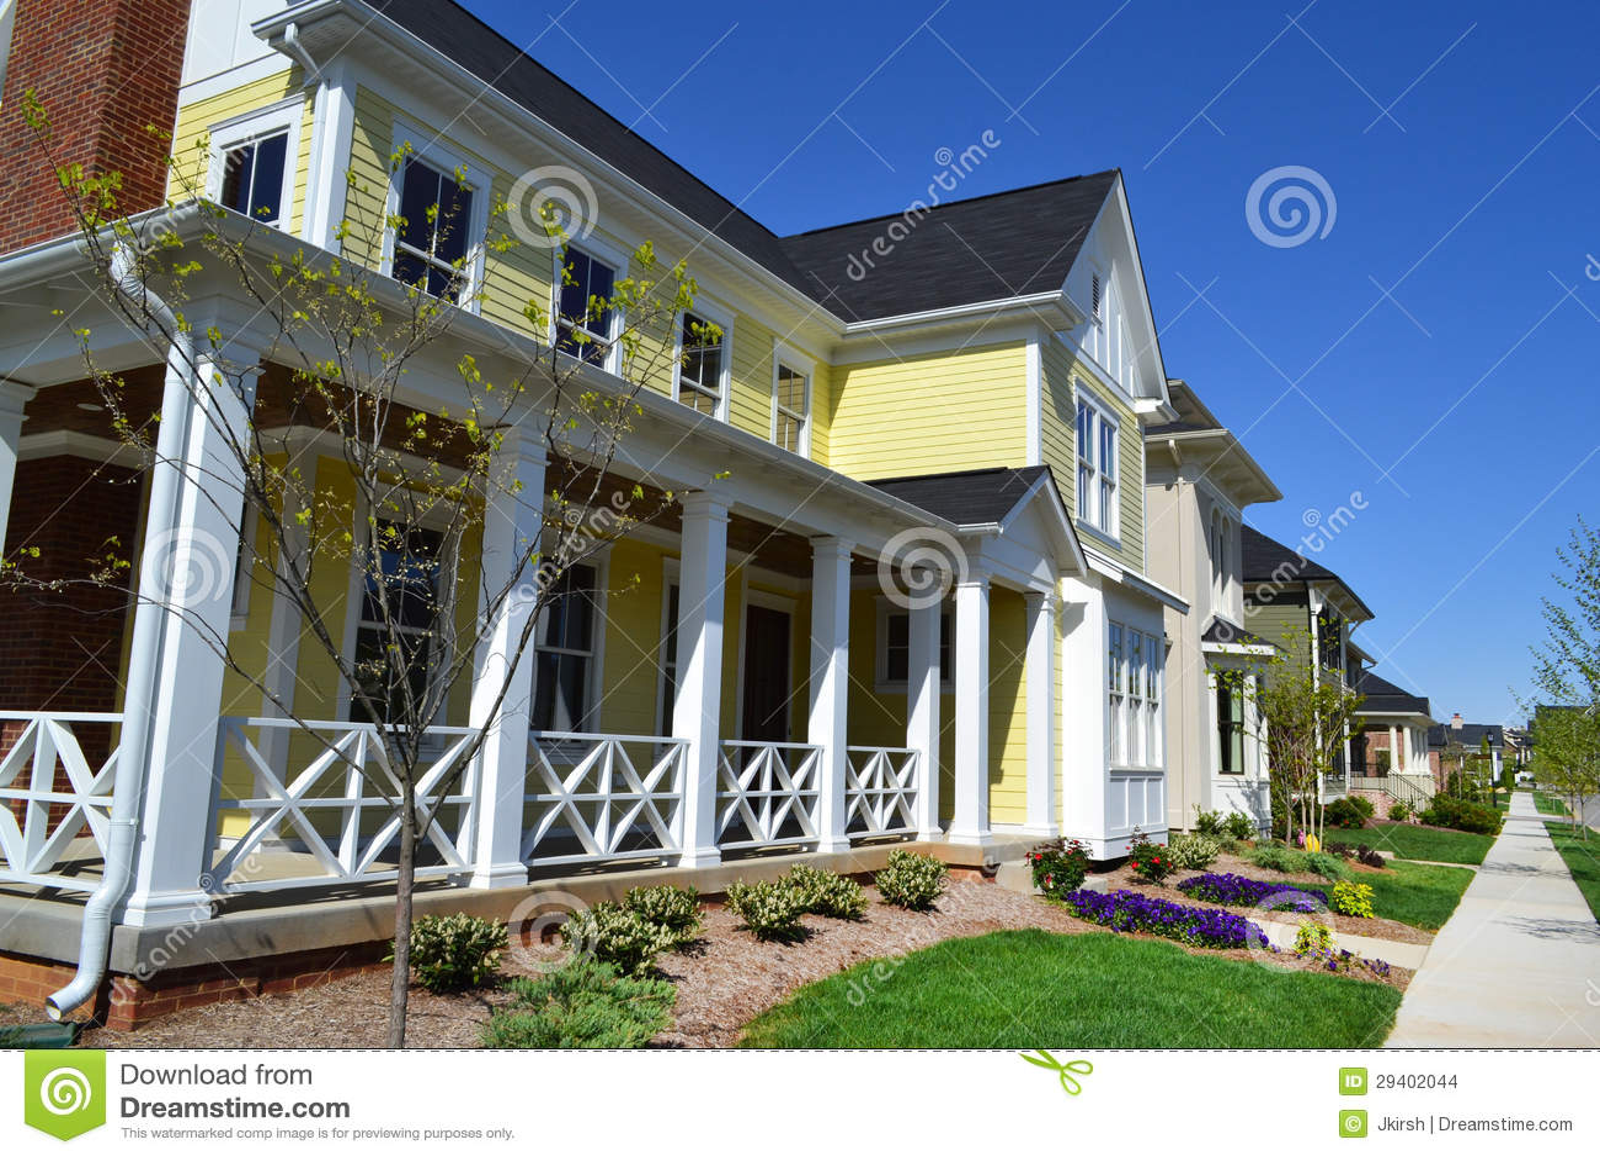 Cape Cod House Designs Maison Jaune Toute Neuve De R 234 Ve De Cape Cod De Style De